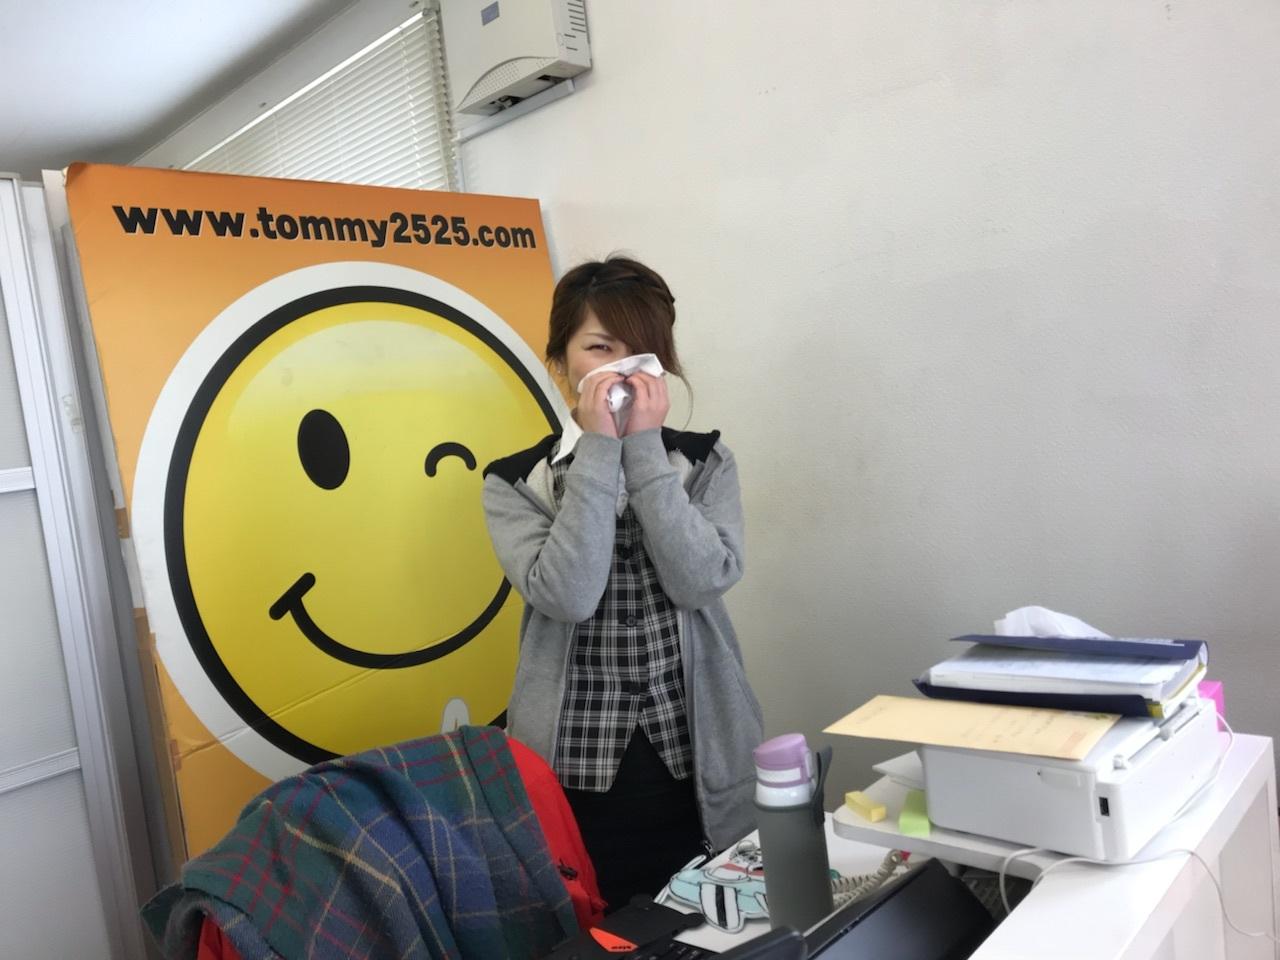 11月30日(金)☆TOMMYアウトレット☆あゆブログ(*´﹃`*) ウィッシュT様納車♪_b0127002_16442241.jpg